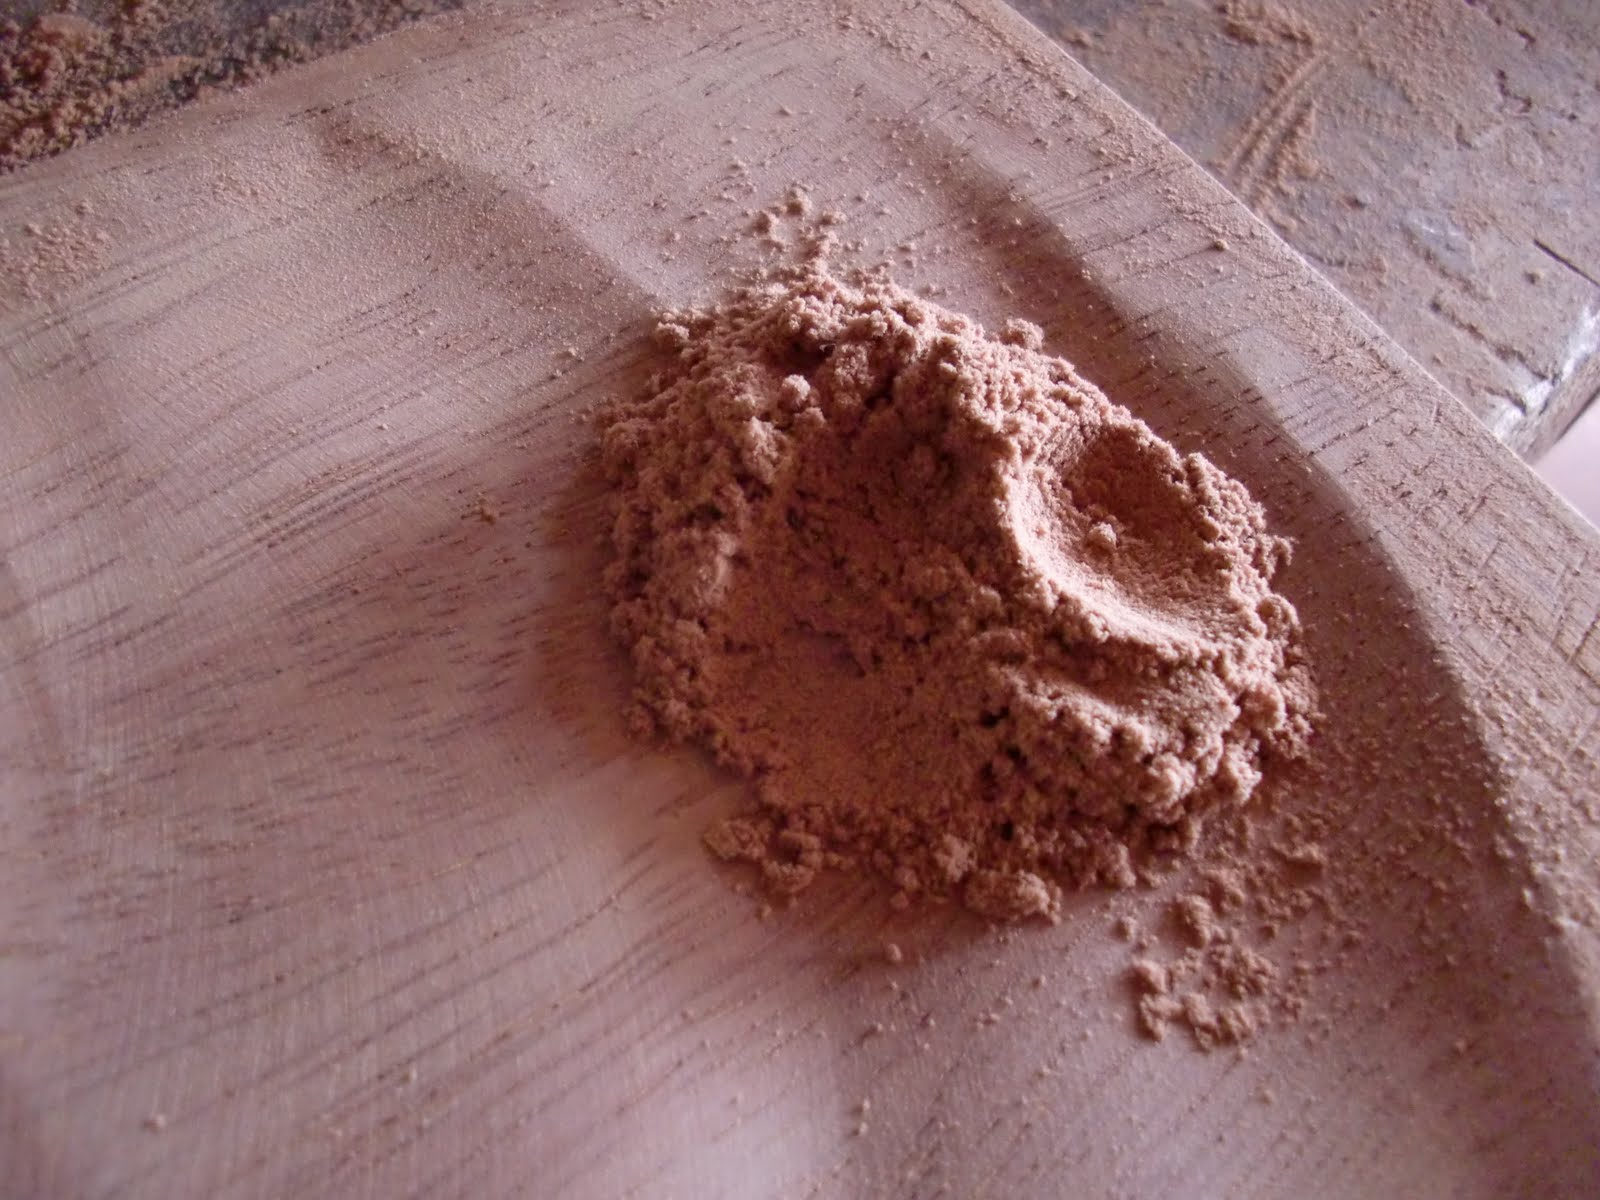 Novak manitas c mo preparar una pasta para madera casera - Masilla para madera casera ...